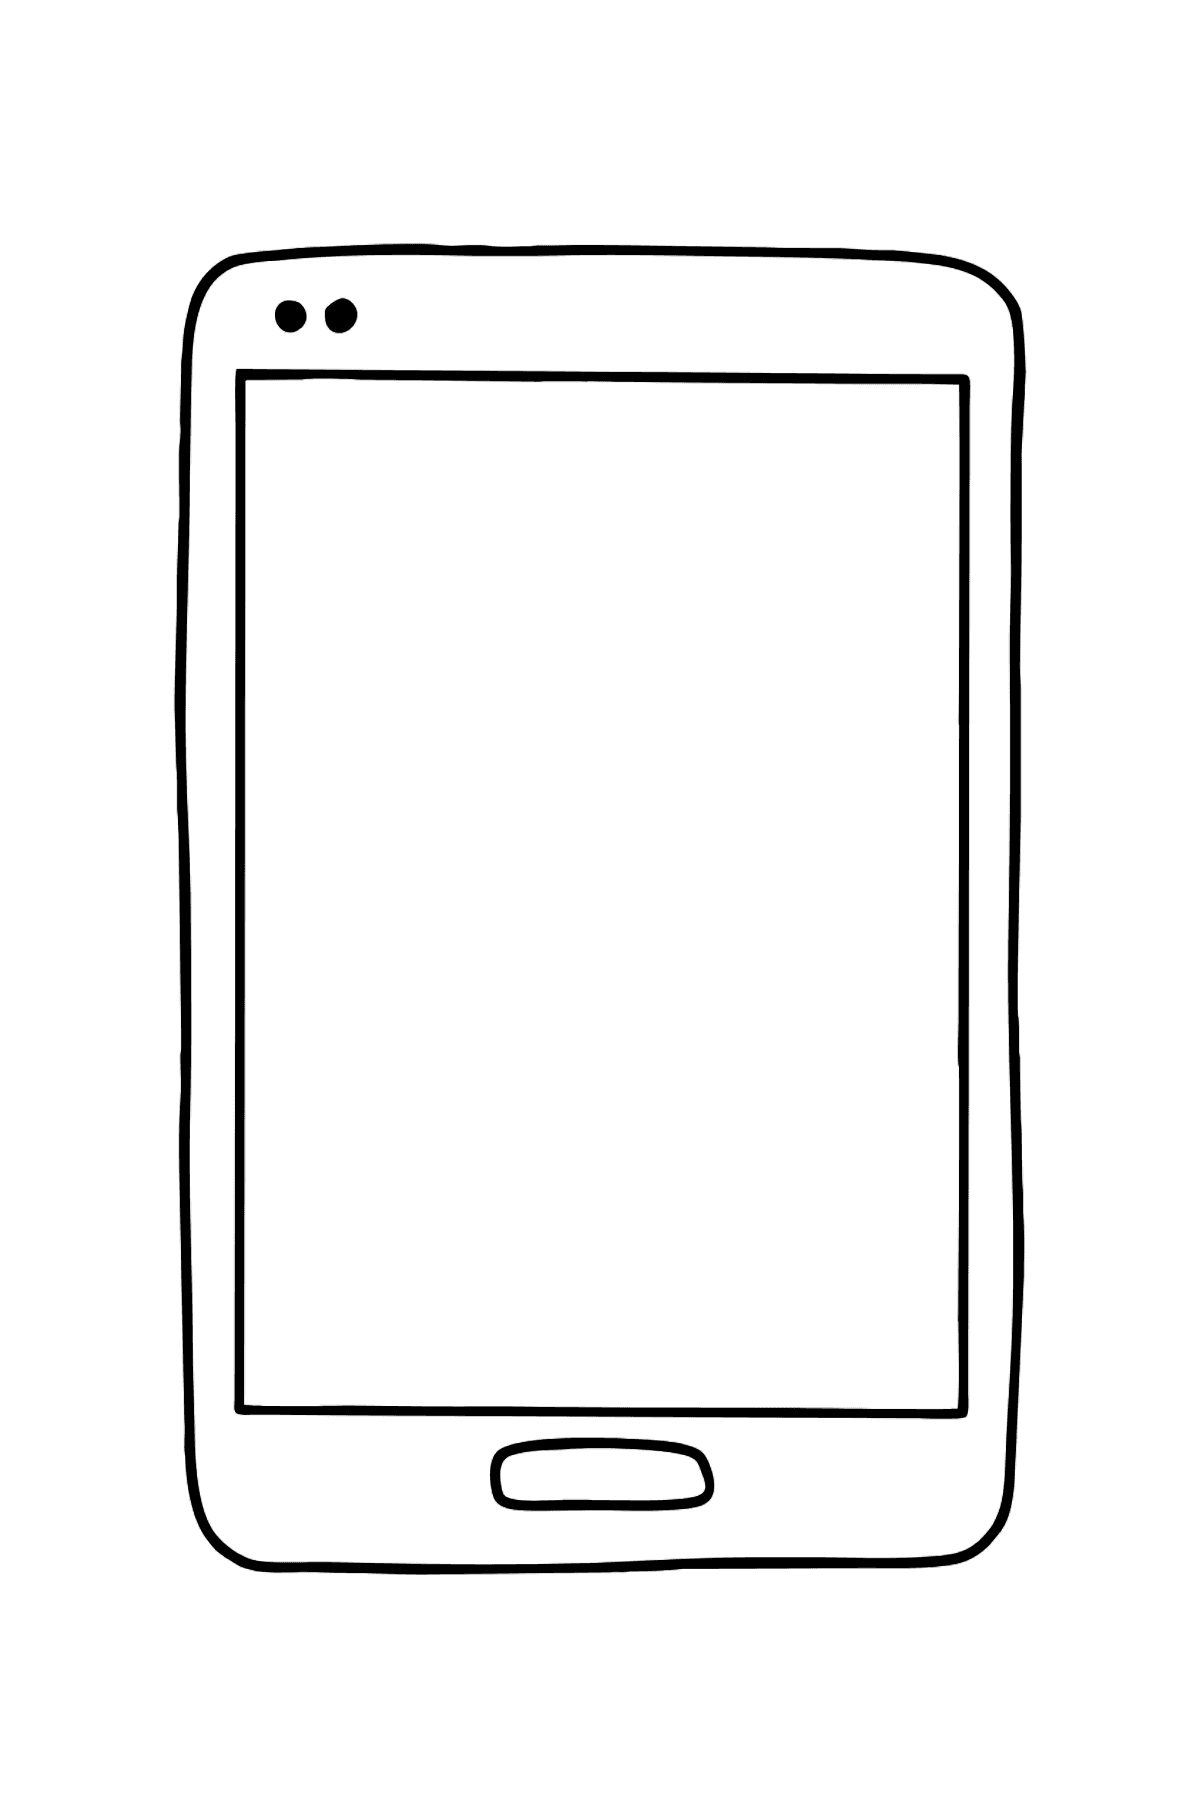 Coloriage - Téléphone portable - Coloriages pour les Enfants